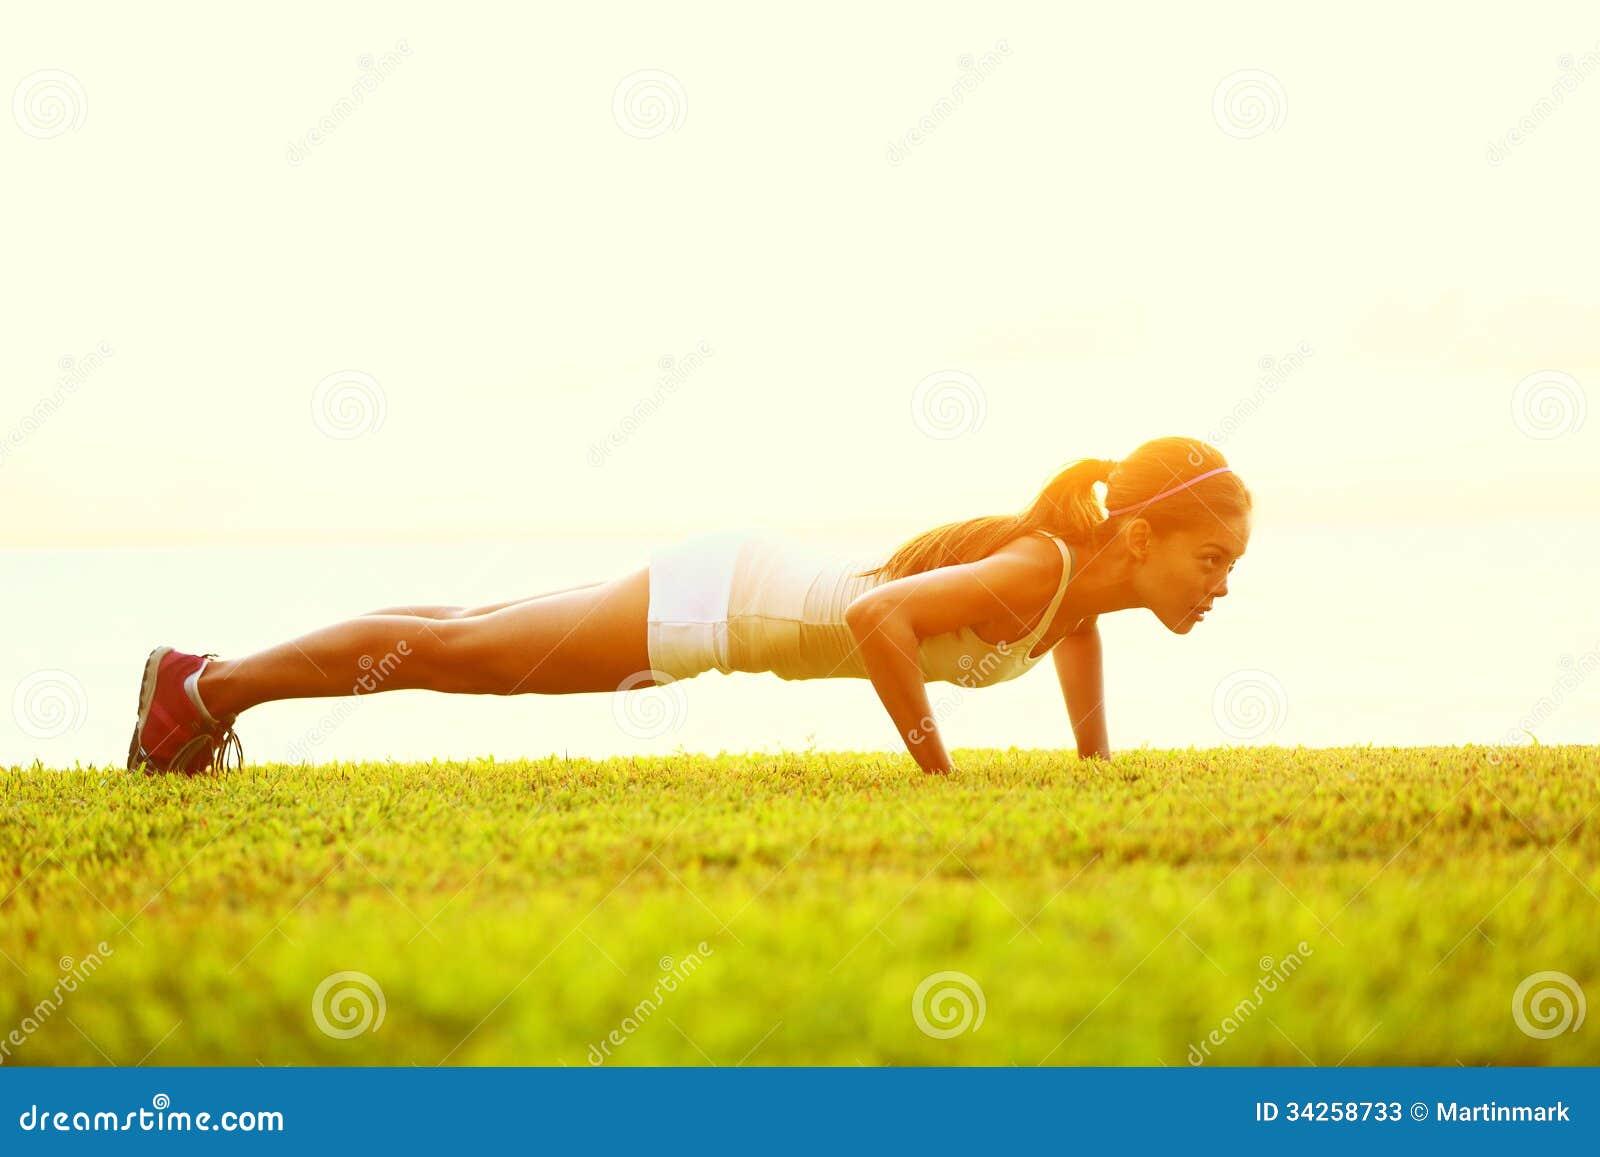 Pcha podnosi lub prasa podnosi ćwiczenie młodą kobietą